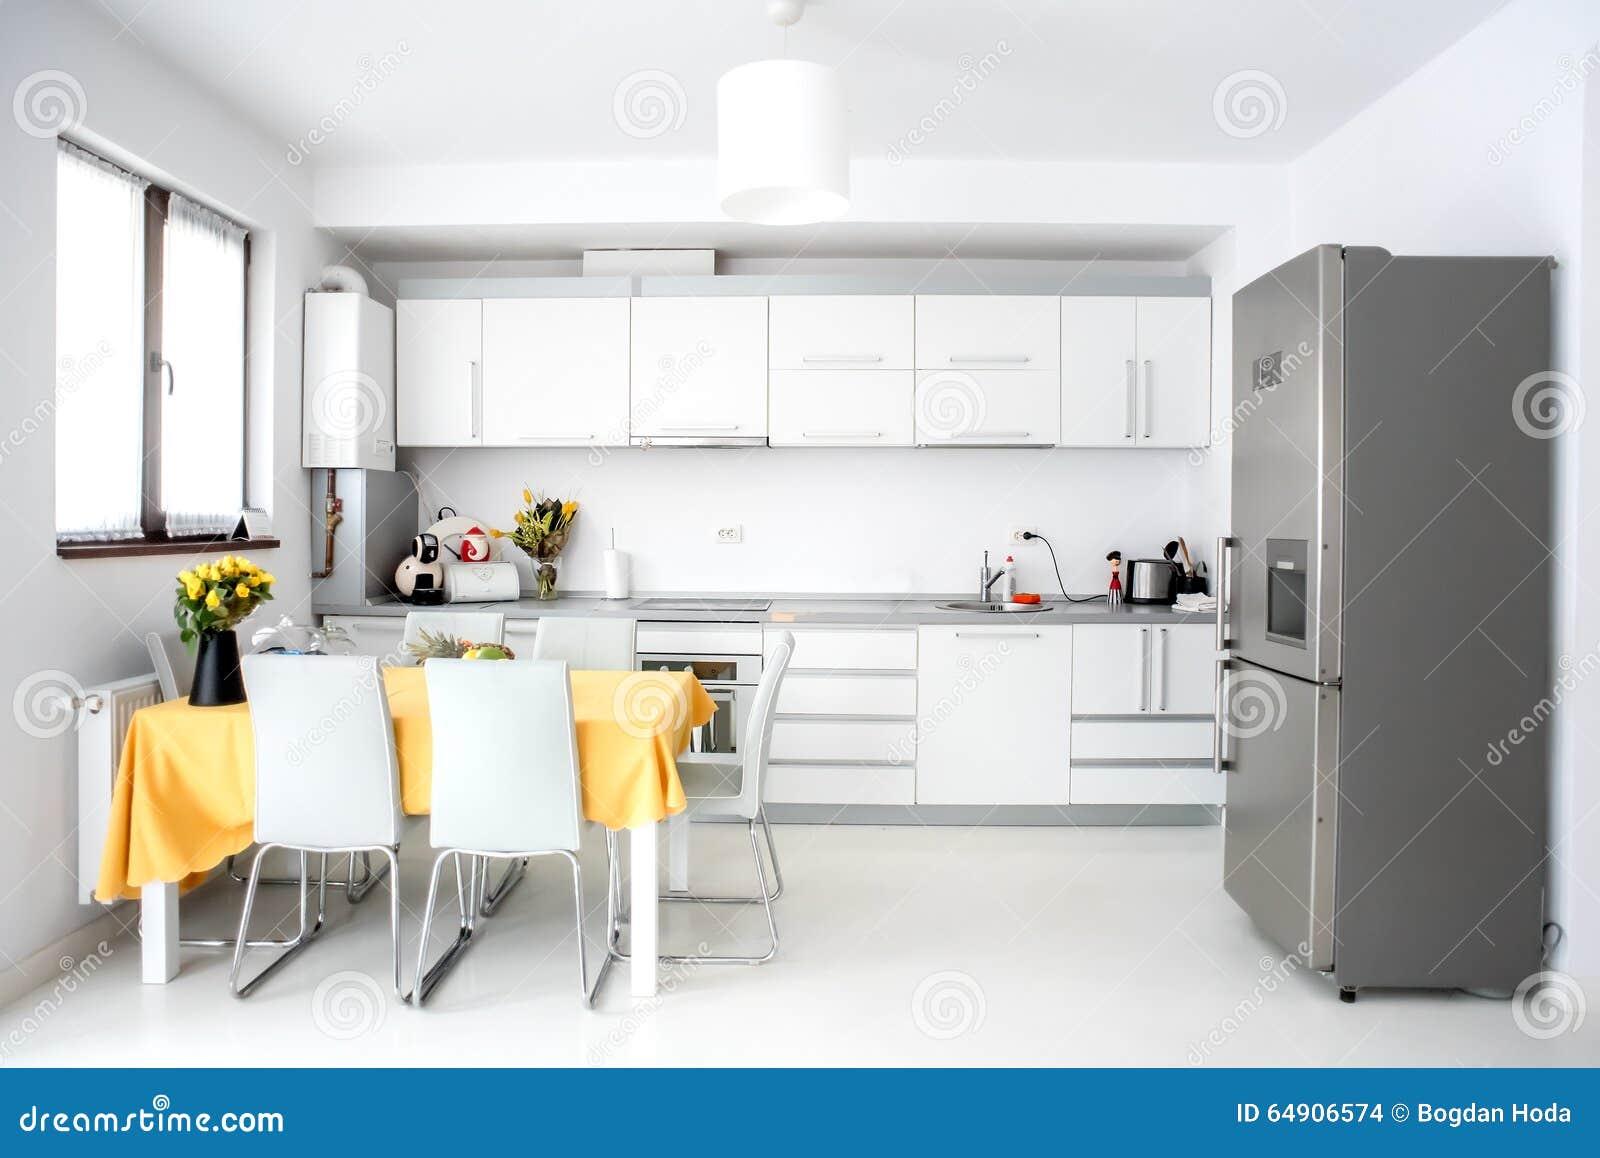 Cocina interior del diseño, moderna y minimalista con los dispositivos y la tabla Espacio abierto en la sala de estar, decoración